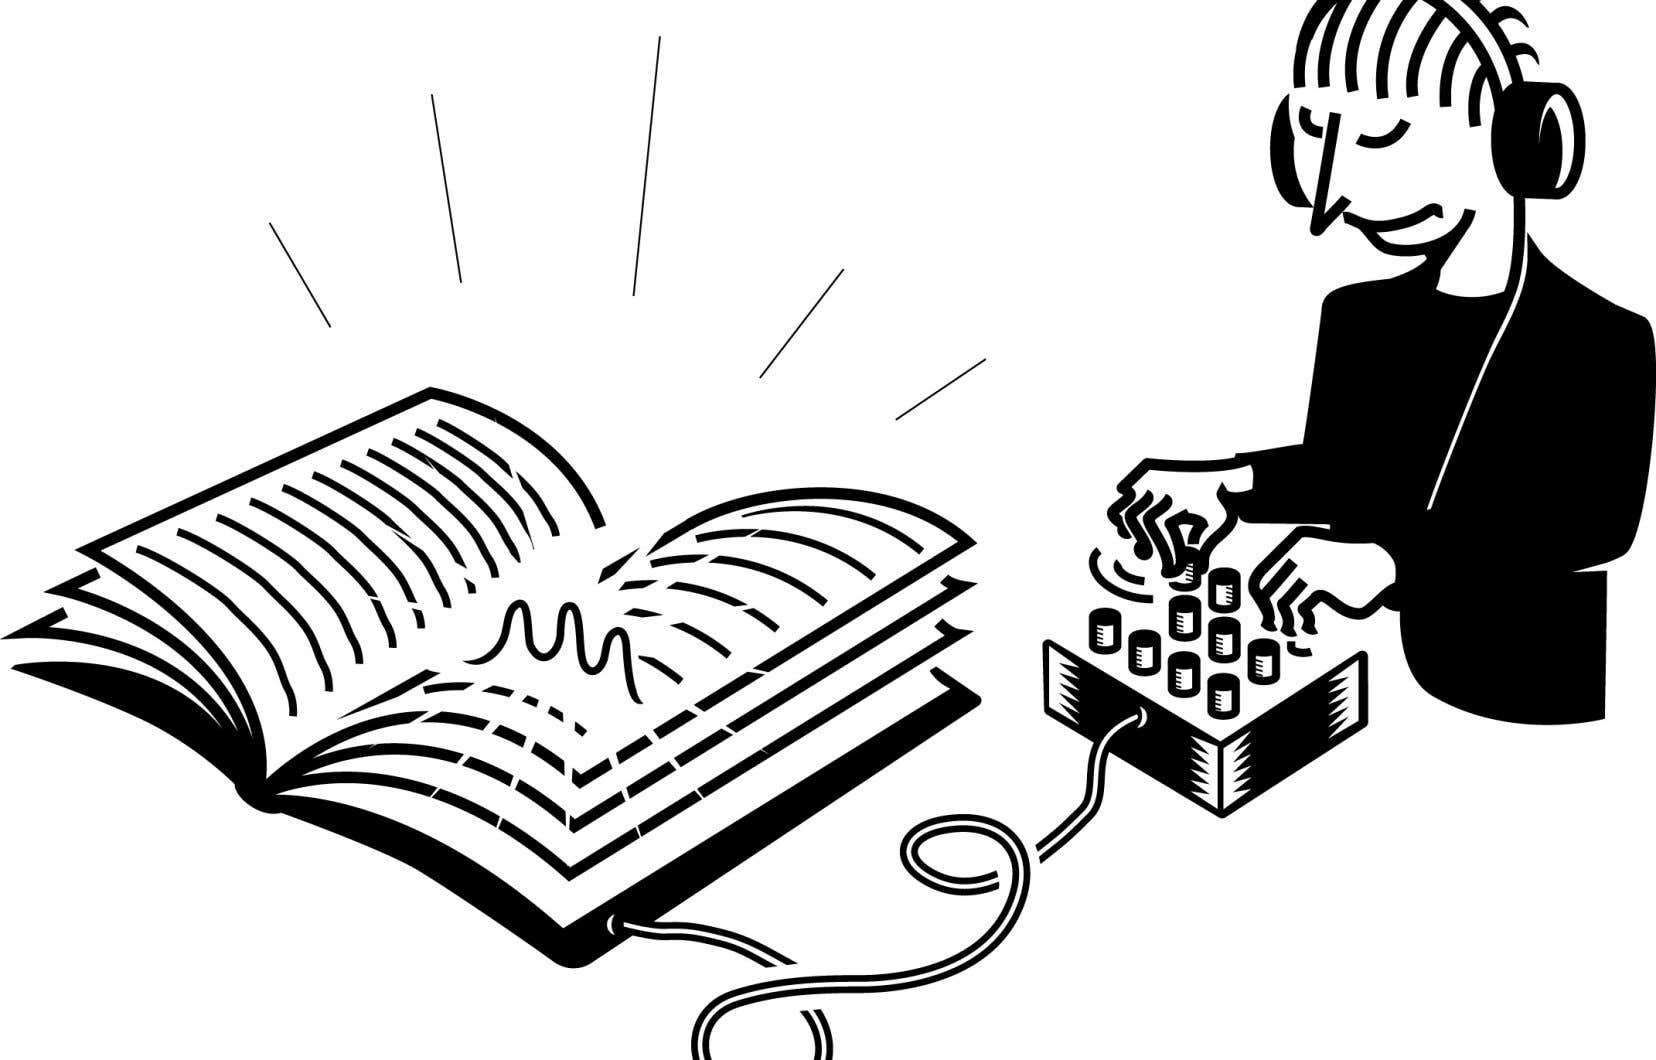 Certains éditeurs d'ici choisissent de s'acoquiner avec des collègues d'ailleurs, qui refont et promeuvent alors les livres à leur manière. D'autres préfèrent tenter d'exporter leurs propres bouquins.